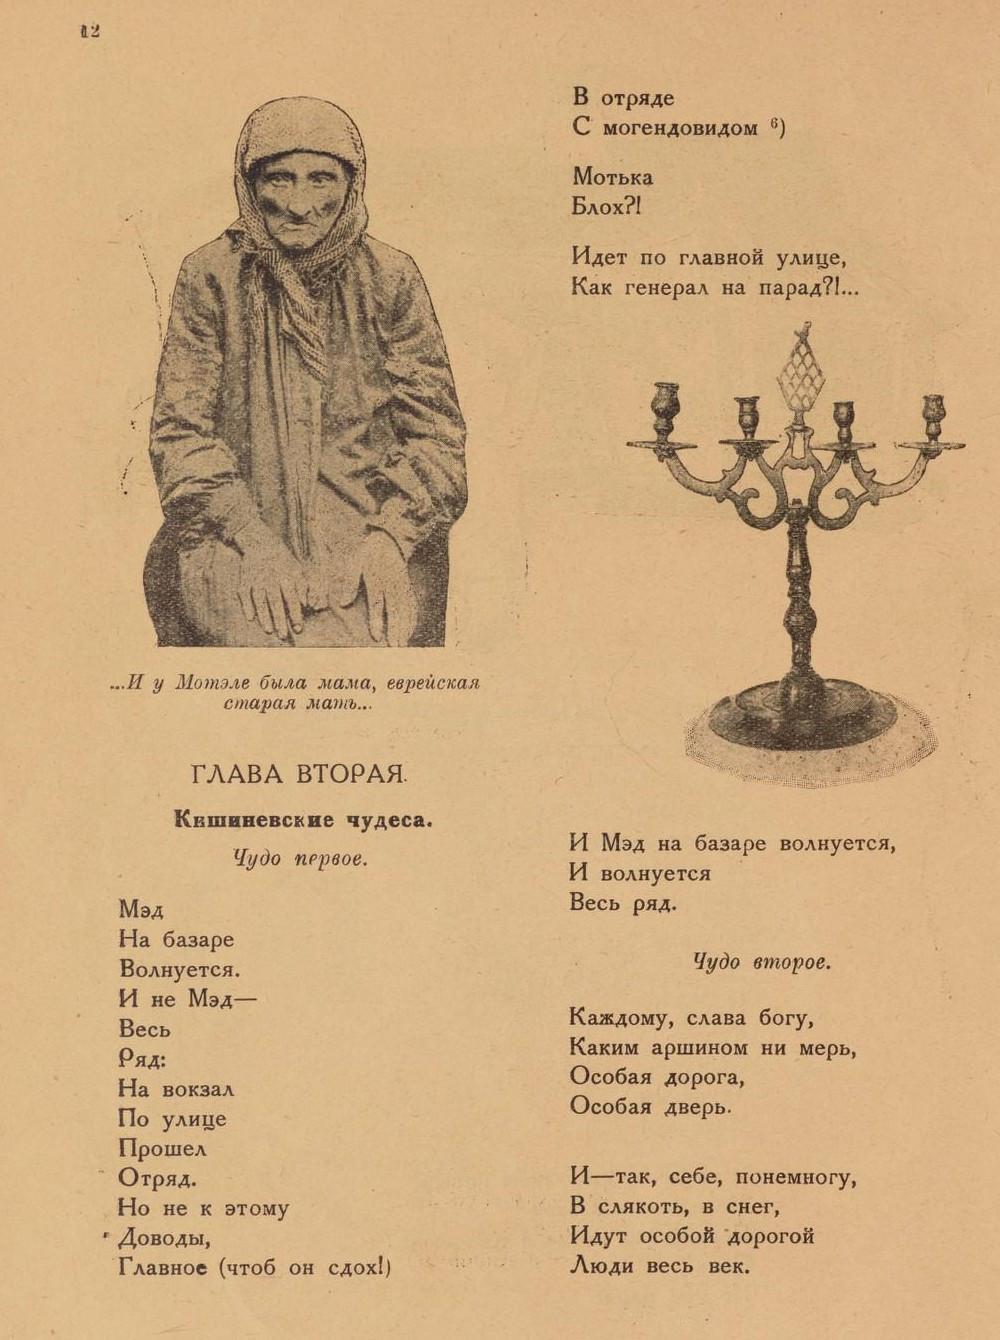 «Повесть о рыжем Мотэле, господине инспекторе, раввине Иссайе и комиссаре Блох» (1926 год) 10